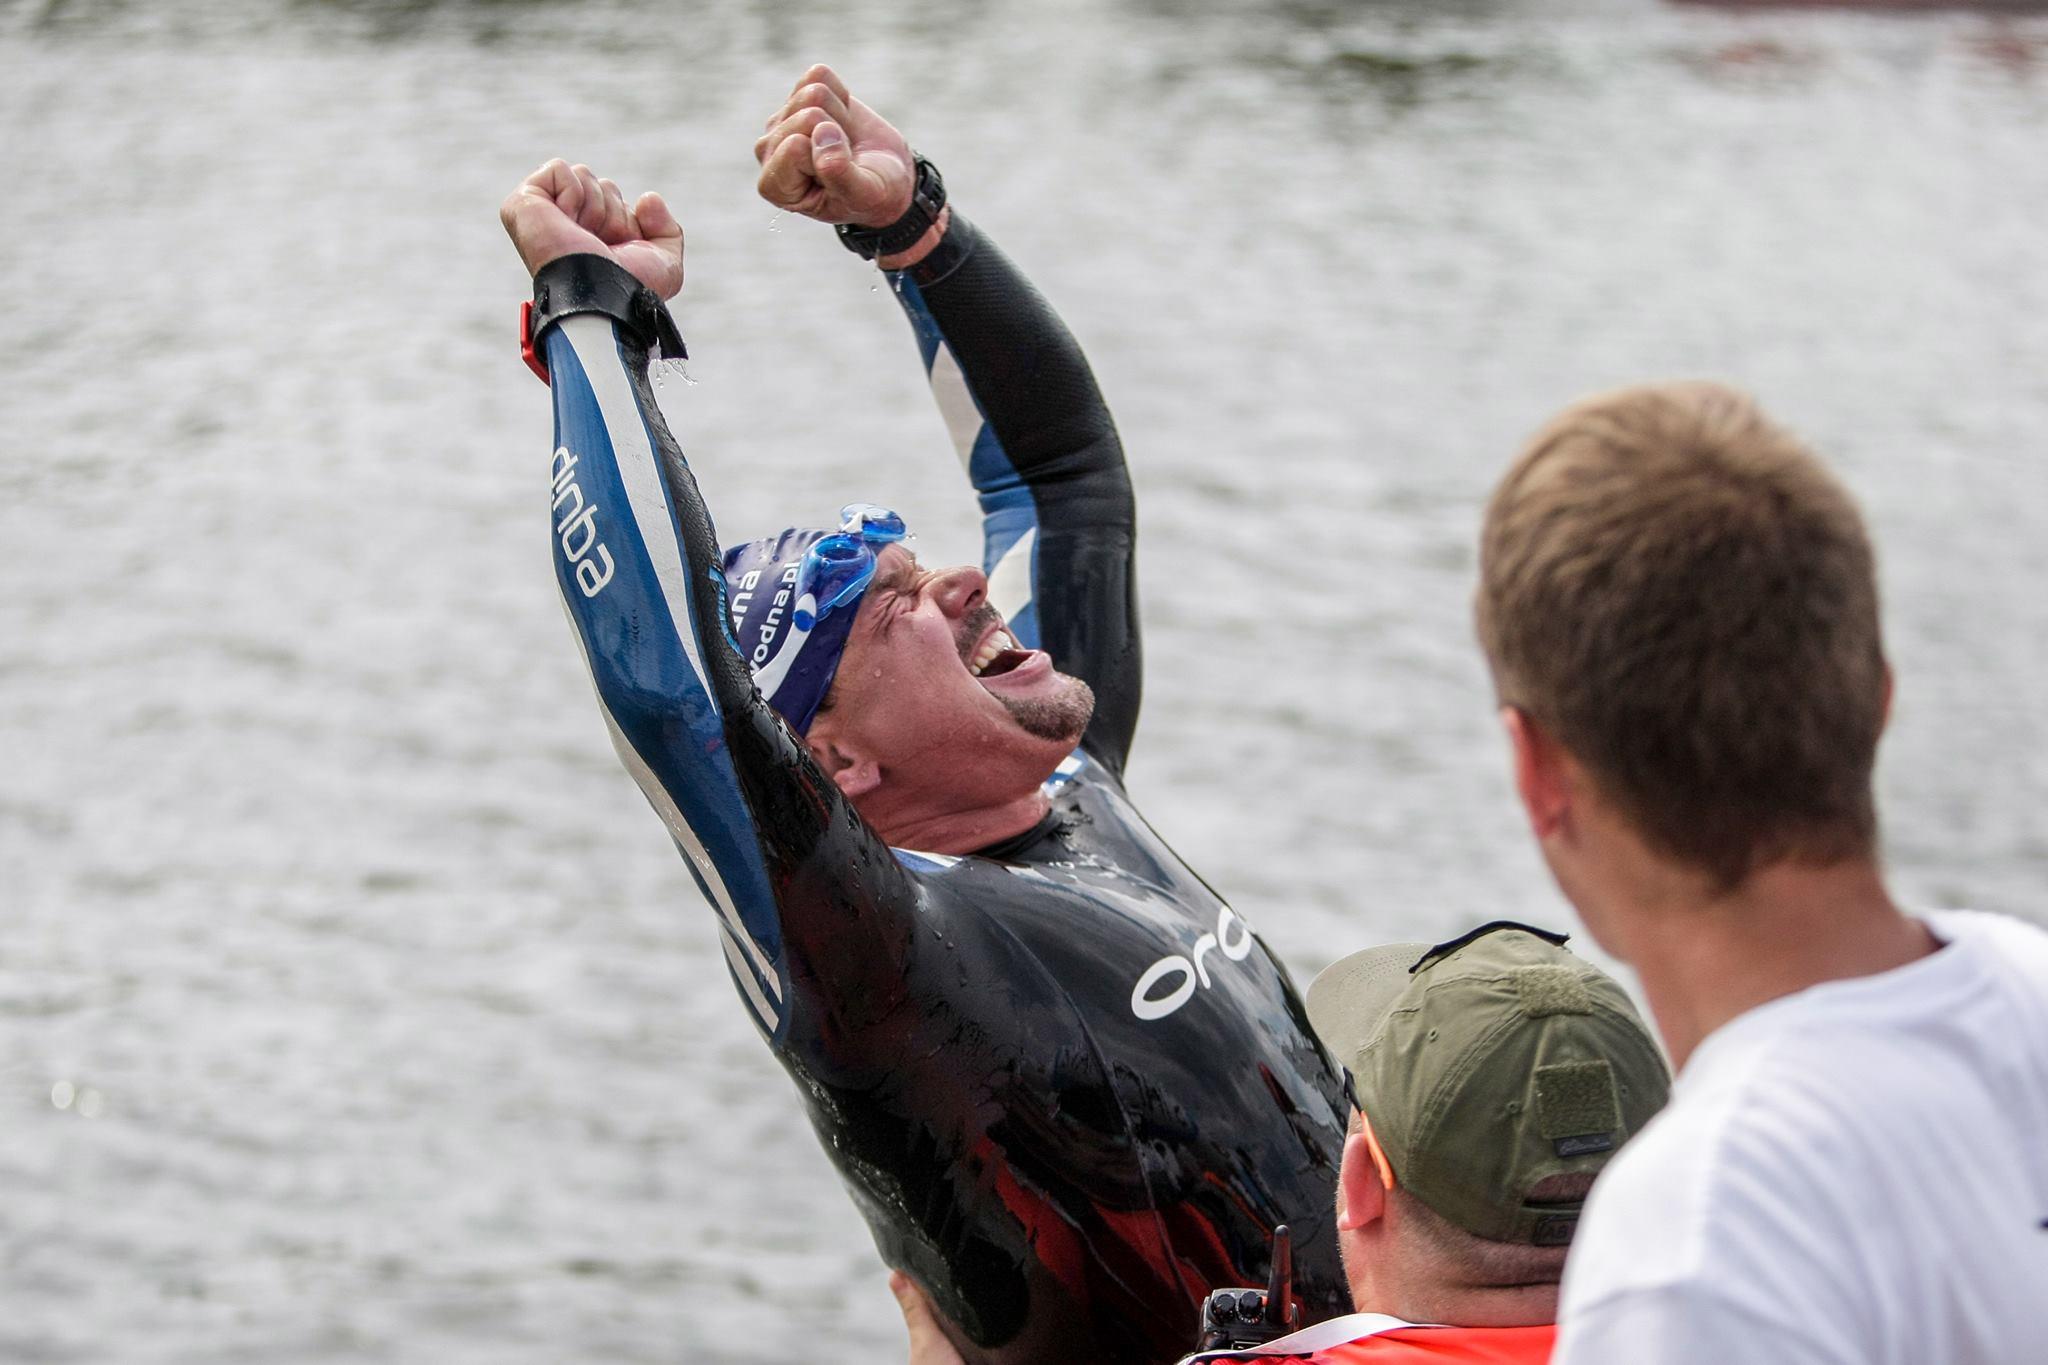 Marcin Trudnowski Grupa Wodna wygrywa pływacki bieg główny na 5km w Enduro Man 2016